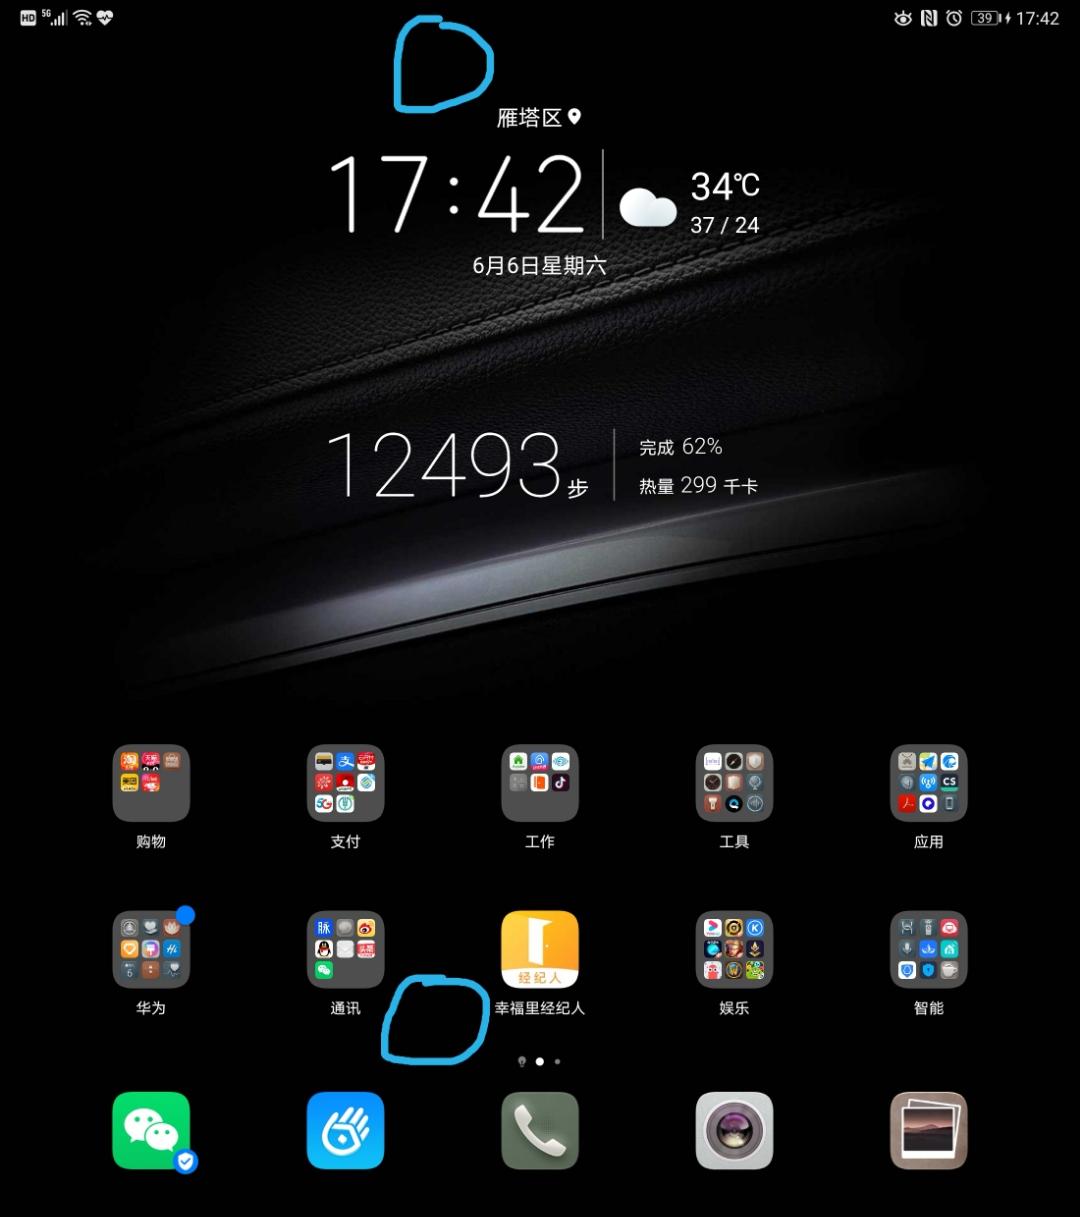 Screenshot_20200606_221255.jpg